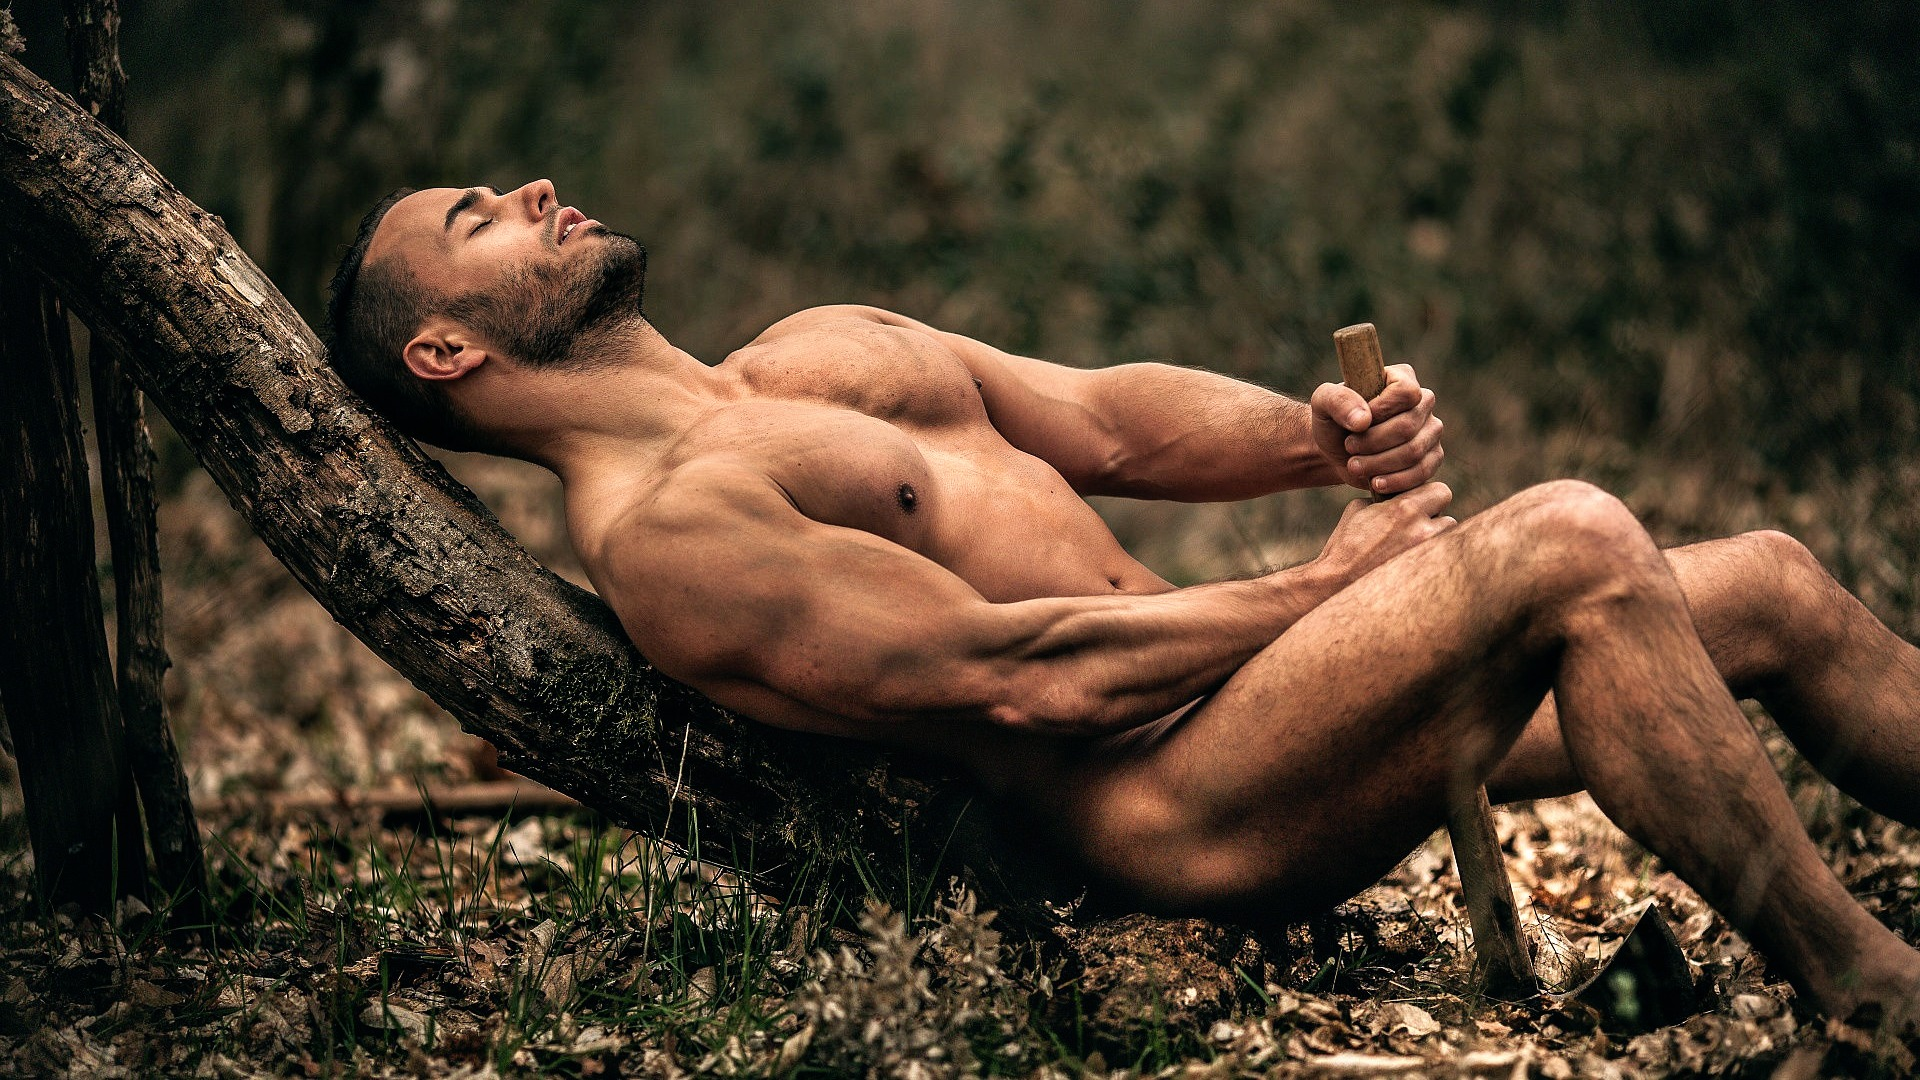 Обнаженные Мужчины В Лесу